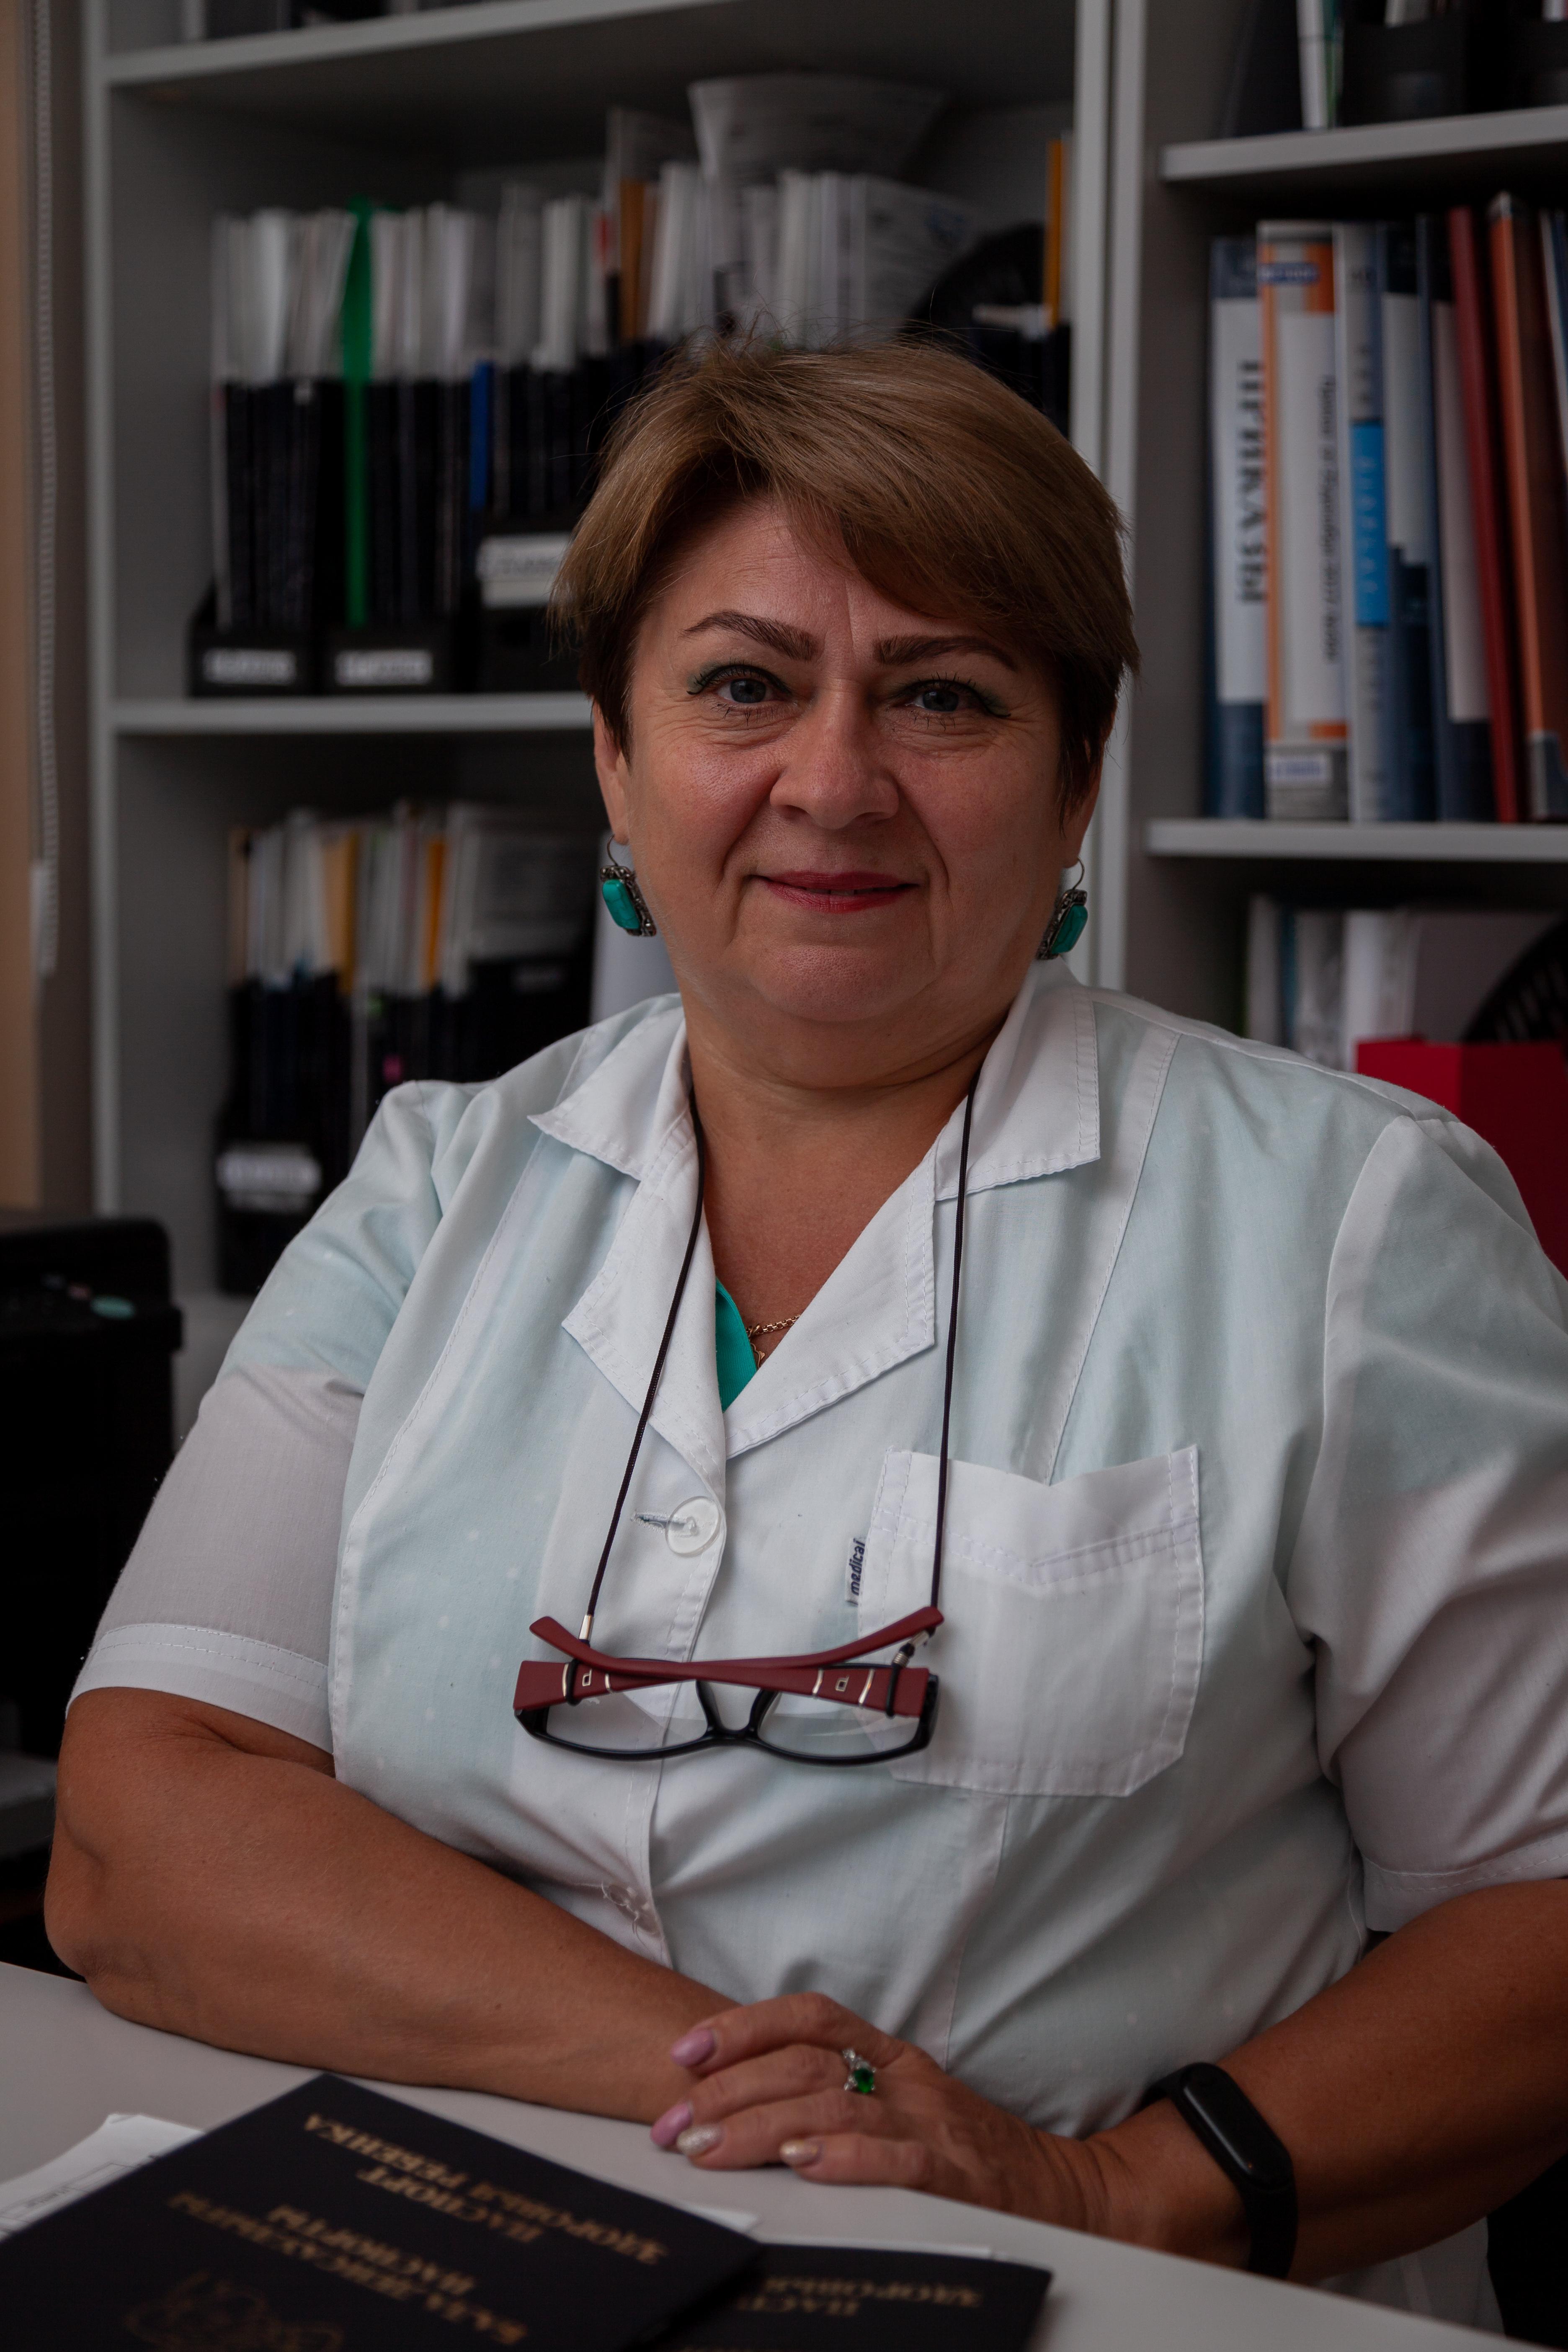 Колесниченко Татьяна Витальевна - Медицинская сестра